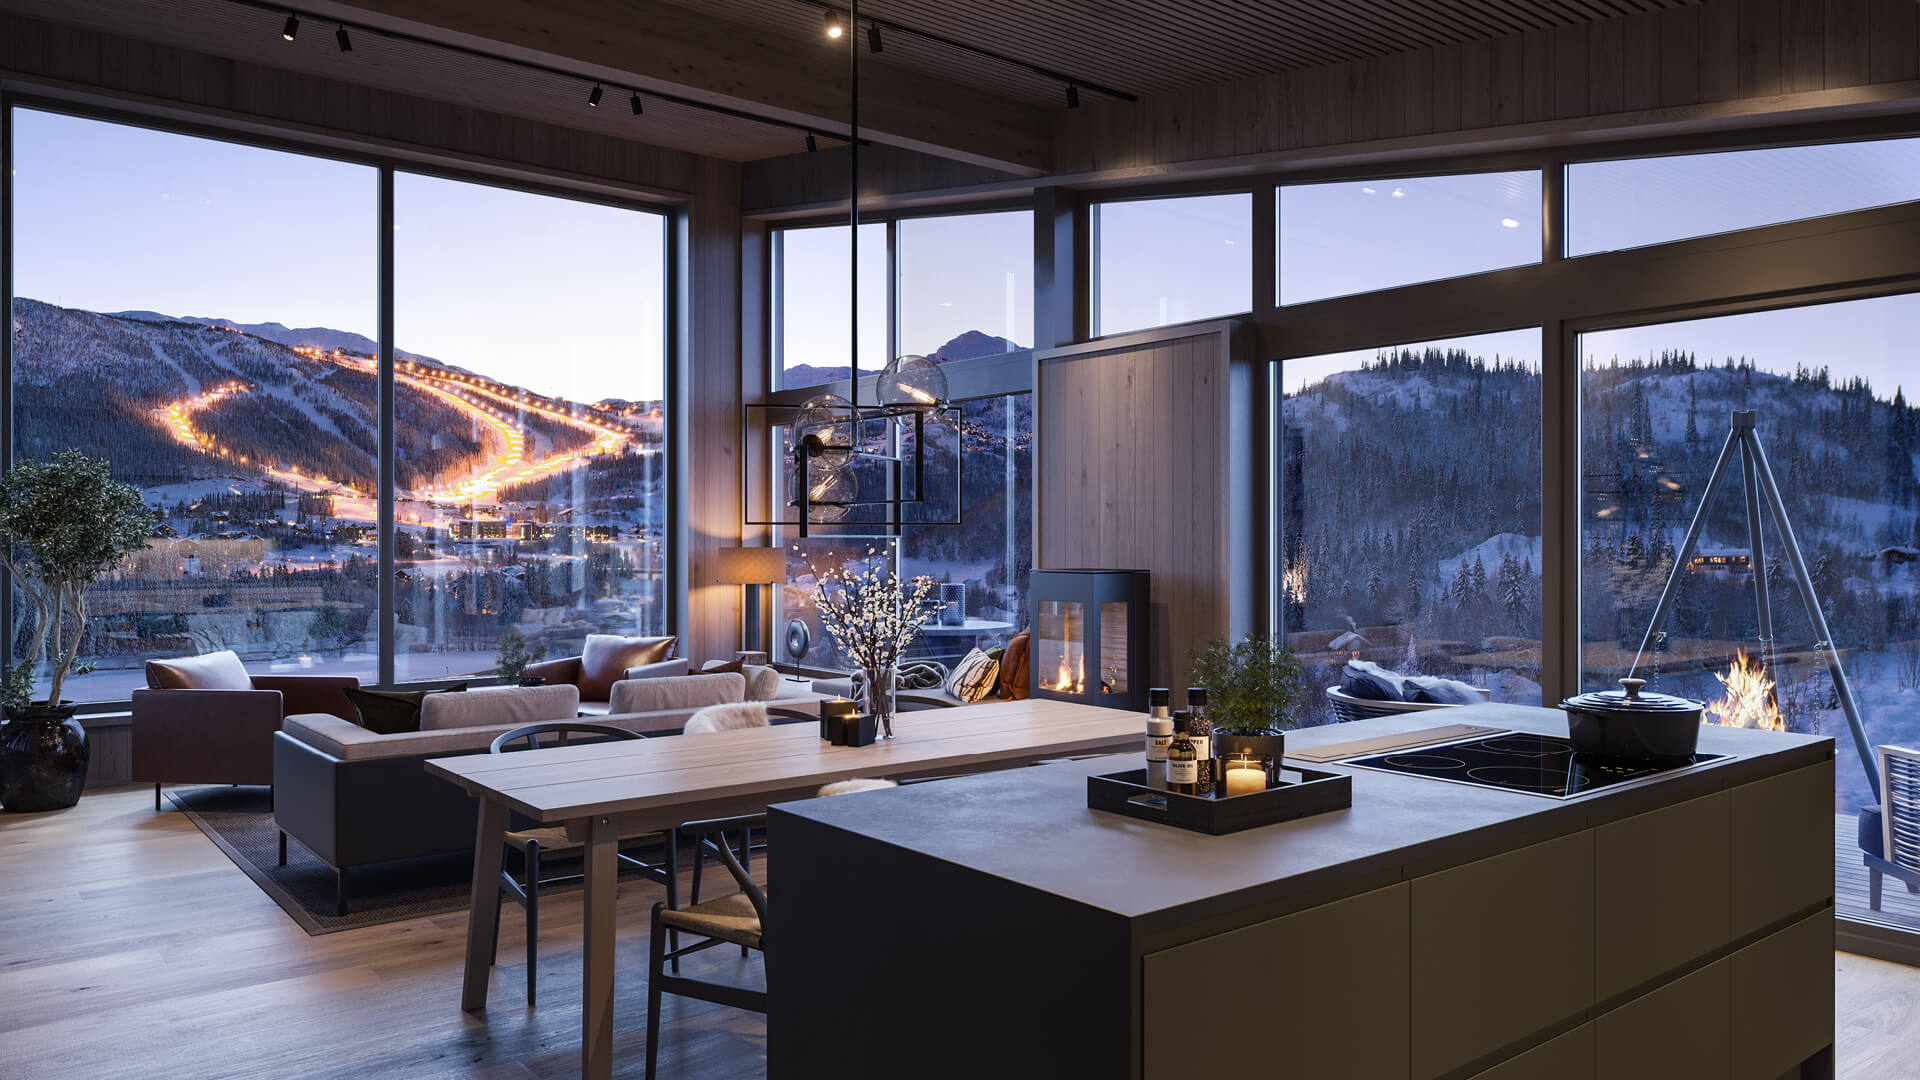 Fridalen får fantastisk utsikt mot fjellene rundt. Illustrasjon fra stue/kjøkken.